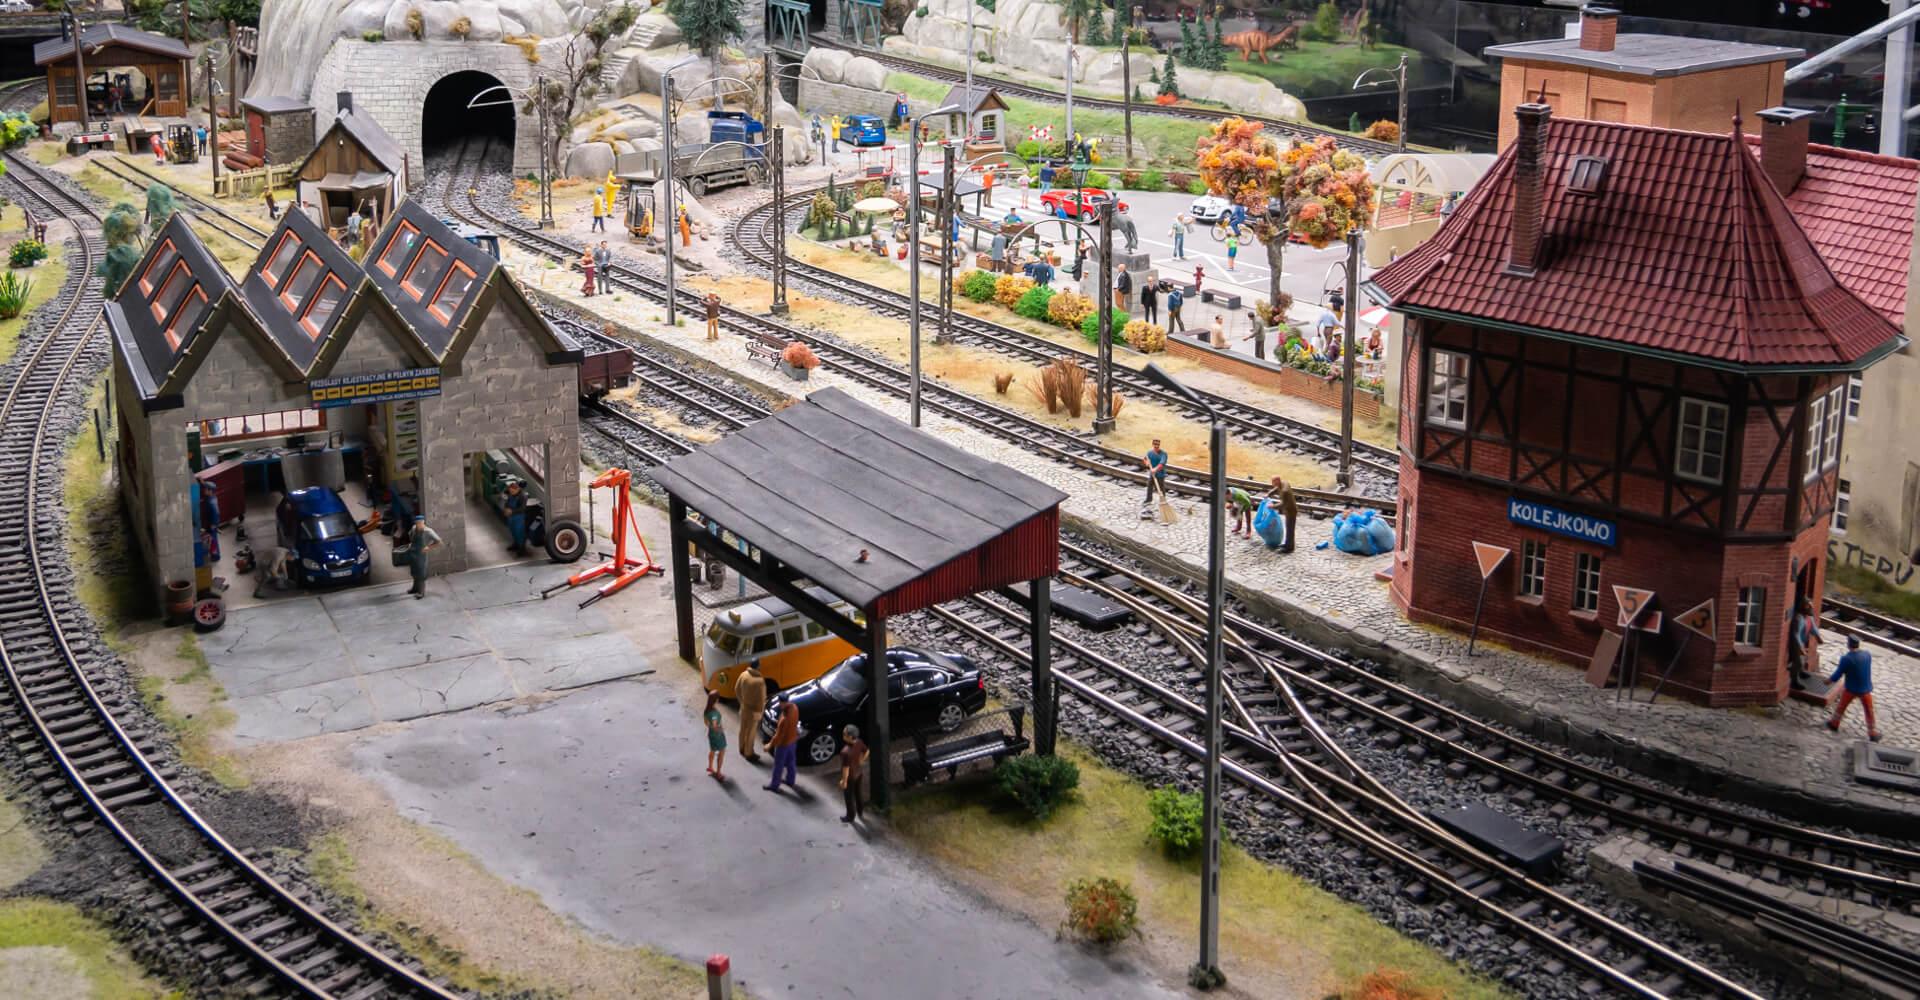 Kolejkowo we Wrocławiu - wielka makieta kolejowa w Dworcu Świebodzkim